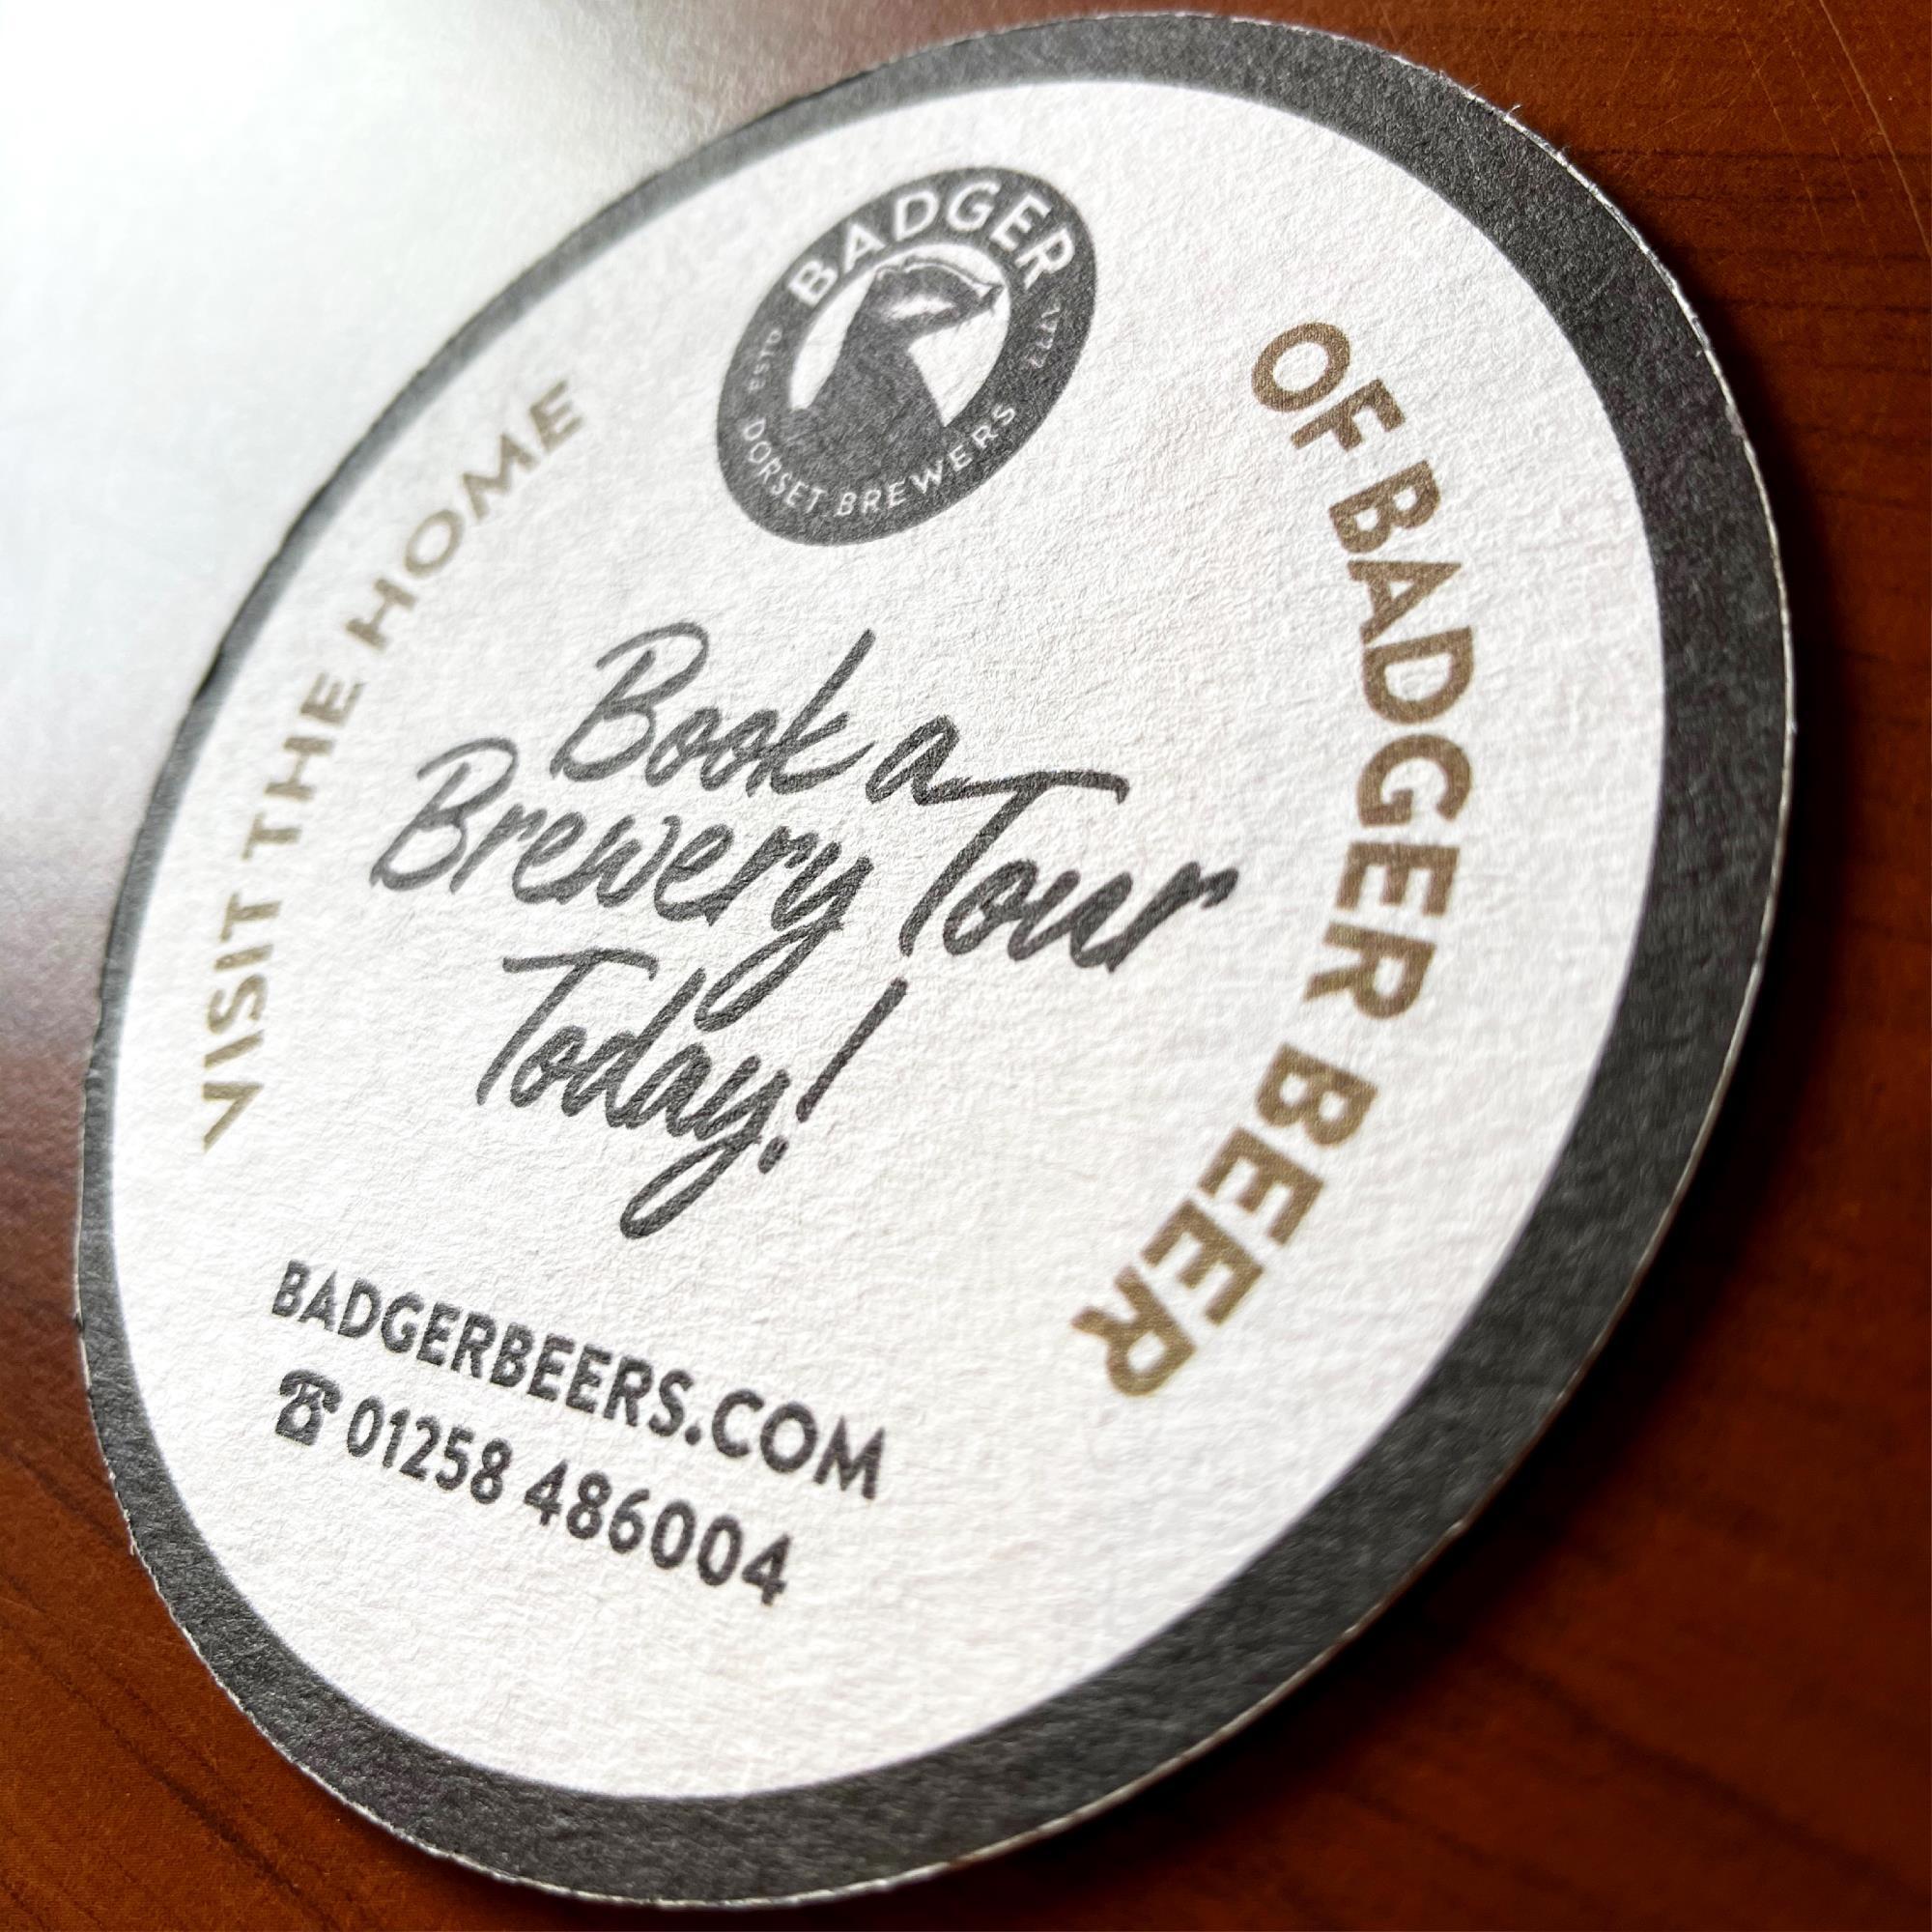 Beermats - Product